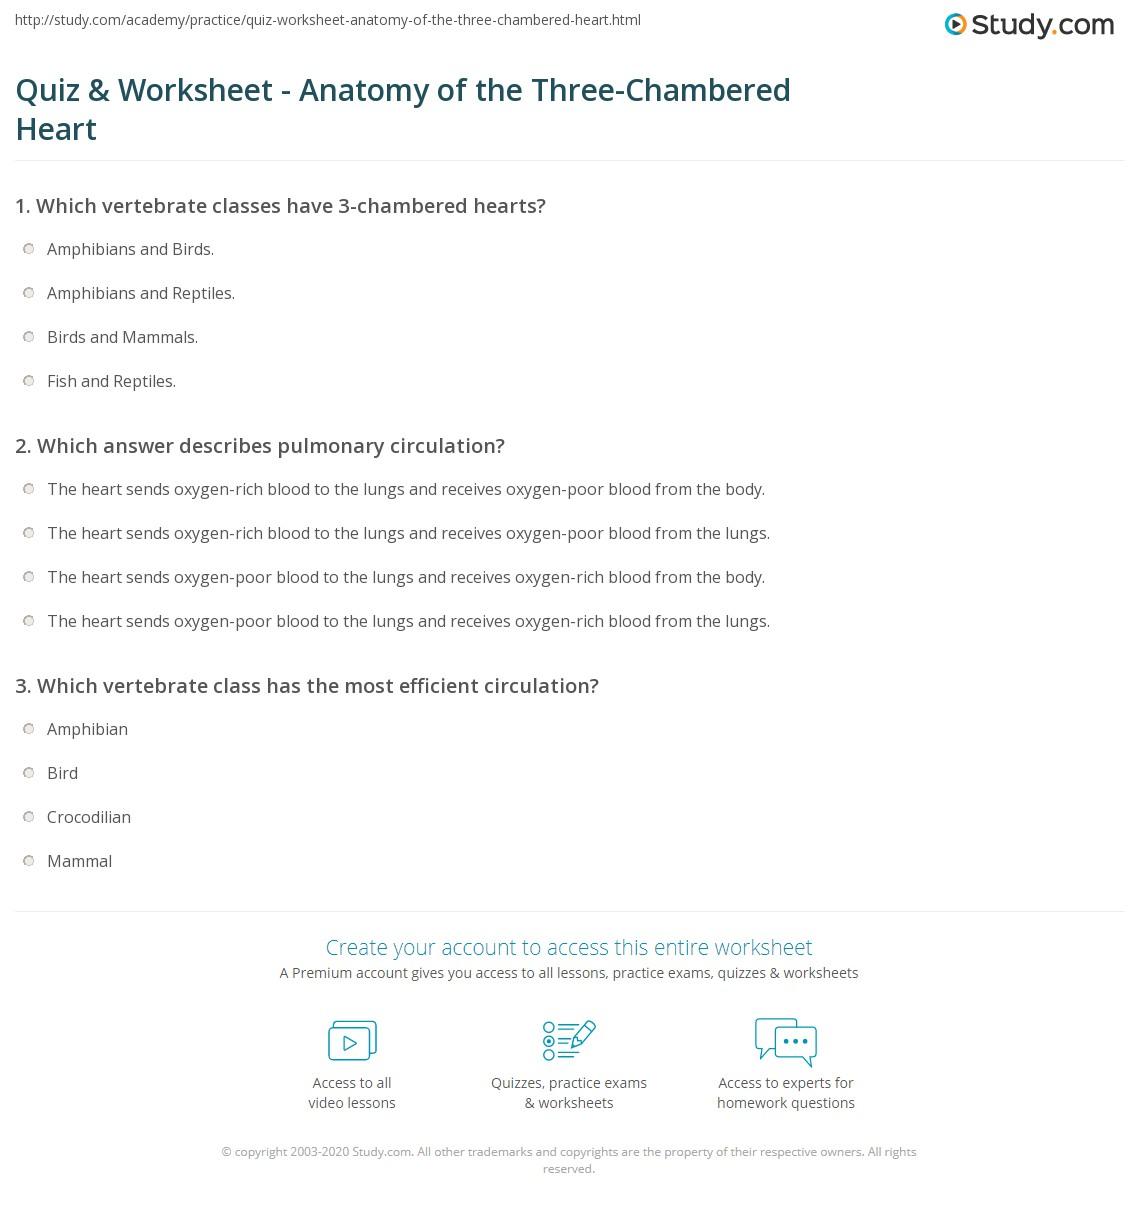 Quiz Worksheet Anatomy Of The Three Chambered Heart Study